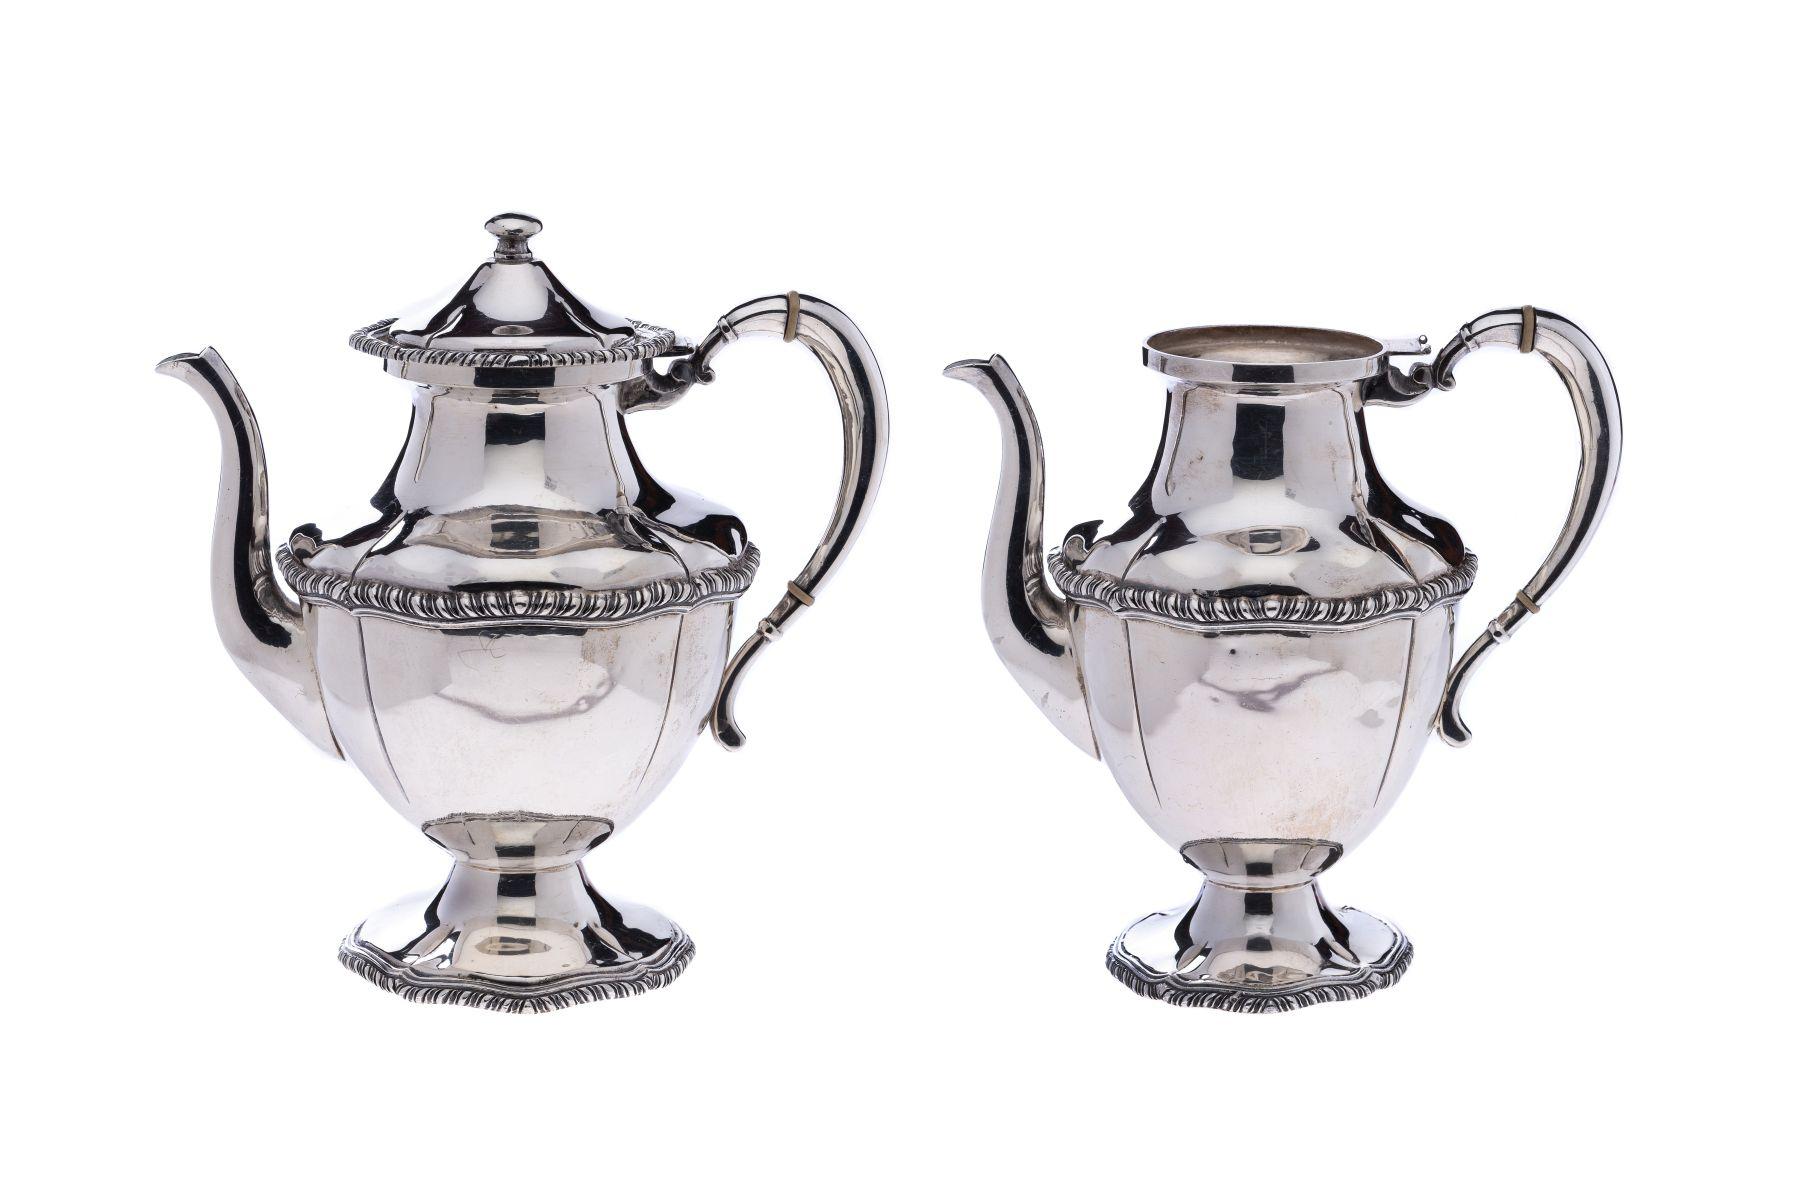 #3 Coffee pot + water kettle | Kaffeekanne + Wasserkanne Image